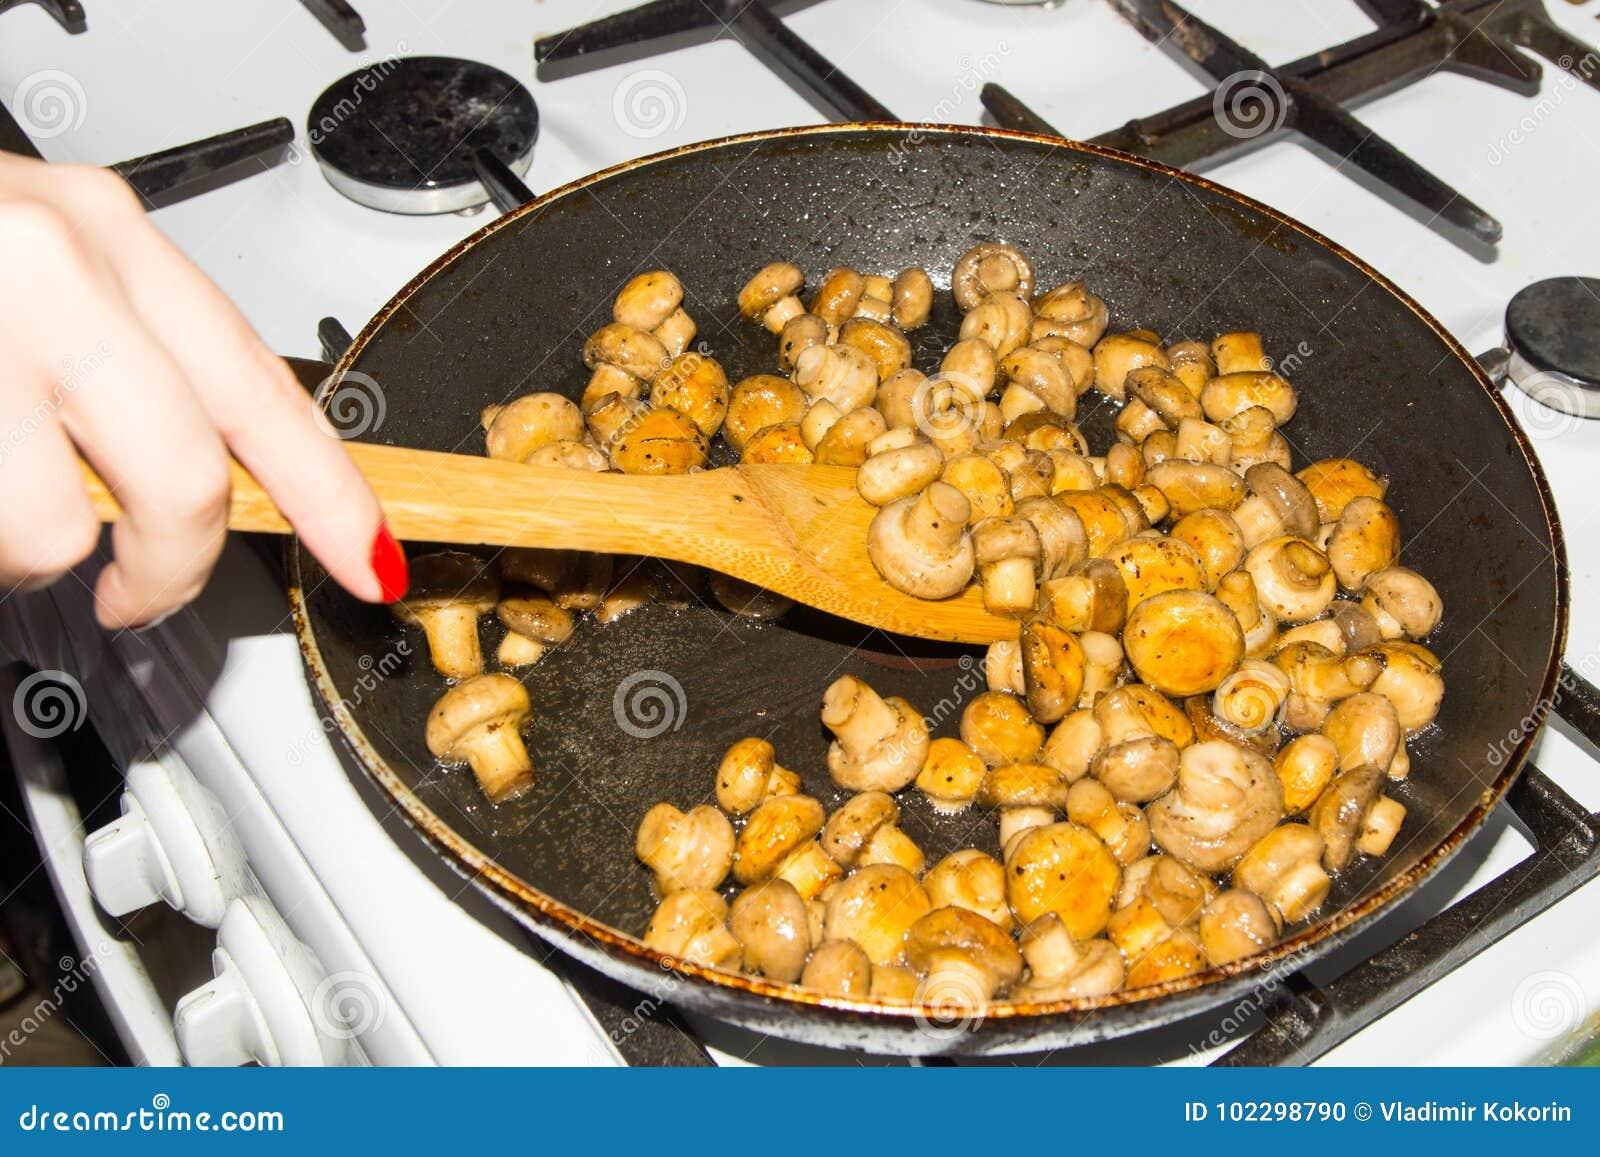 Petits champignons frits dans une casserole dans son ensemble Champignons frits aux oignons